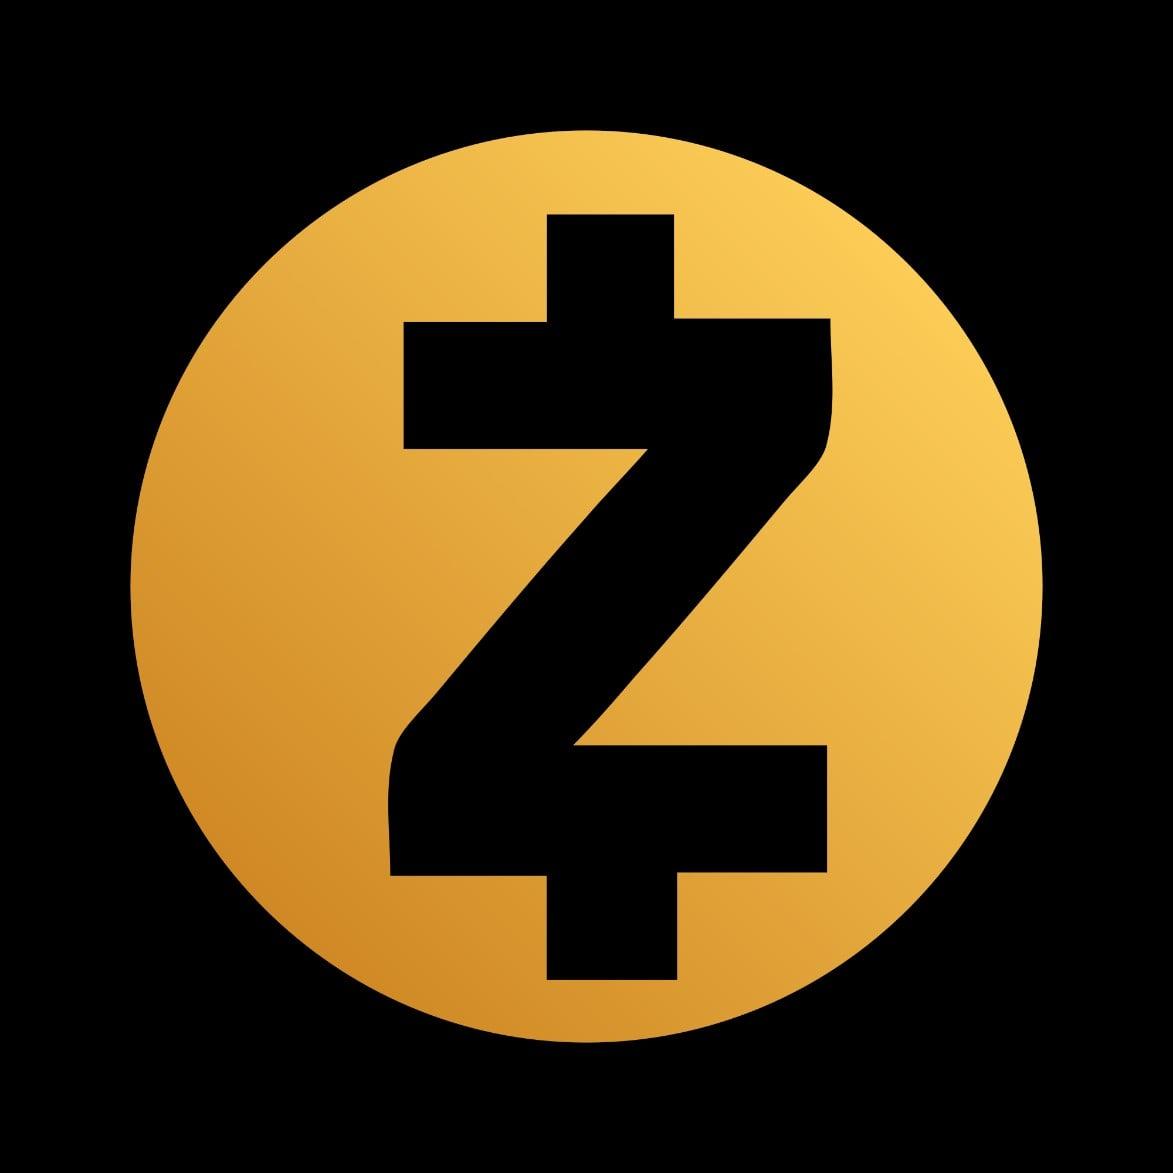 خرید زی کش (زد کش) zcash